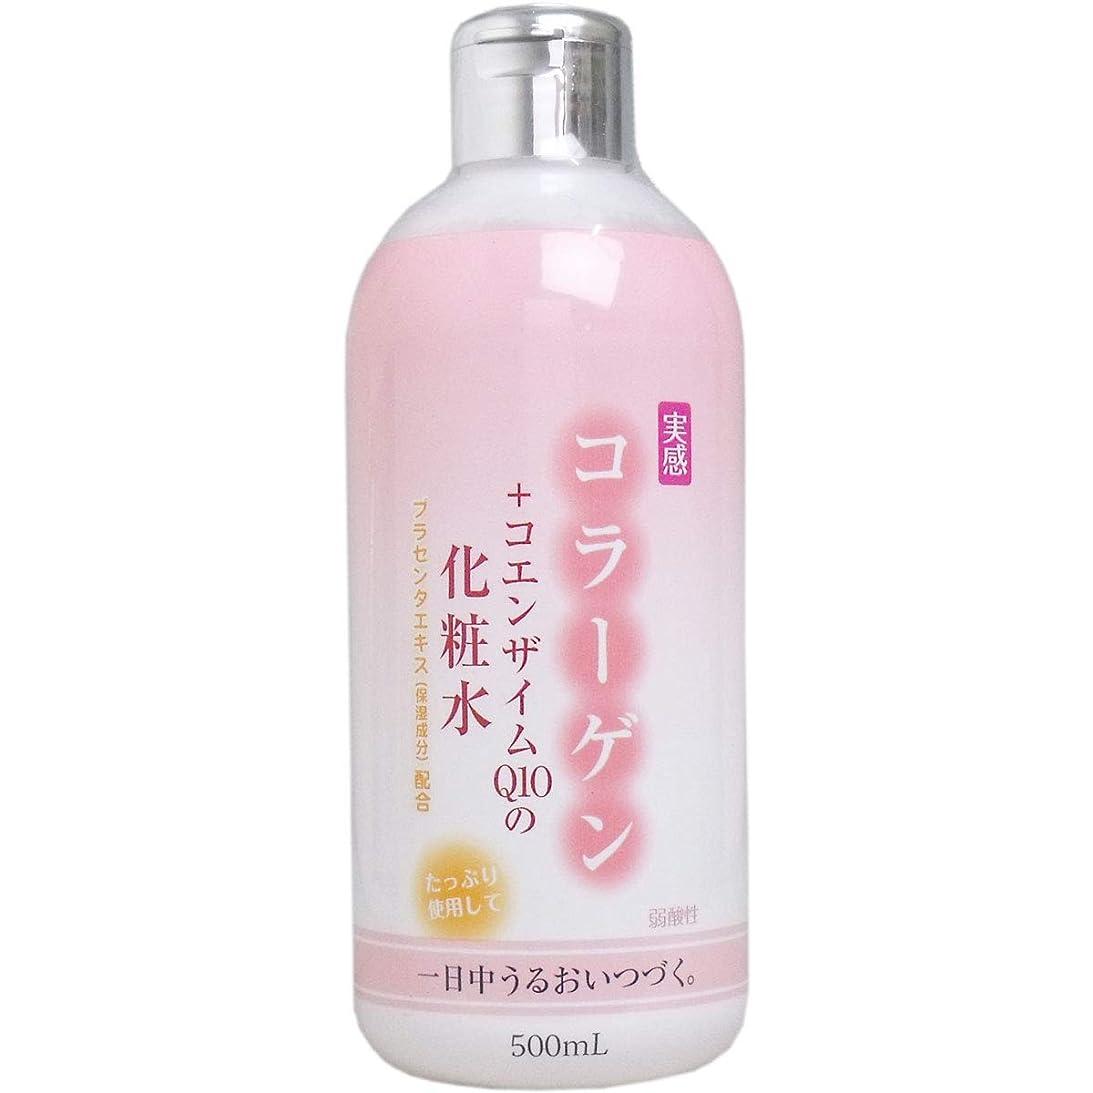 スペアクラックブレスコラーゲン+コエンザイムQ10 化粧水 500mL